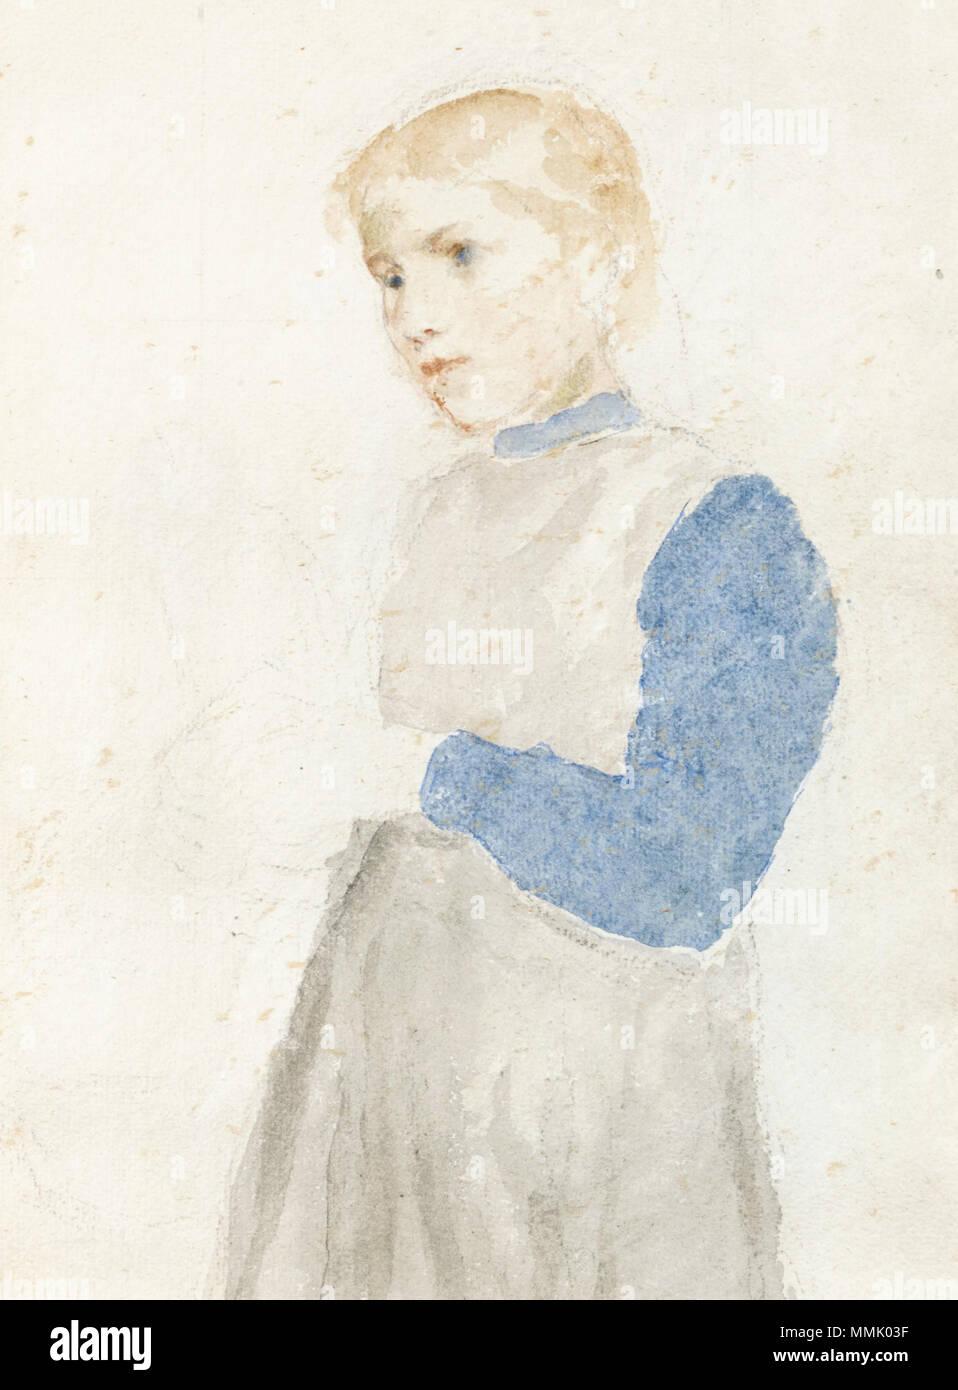 Albert Anker - Studie eines stehenden Mädchens (1908) Stock Photo